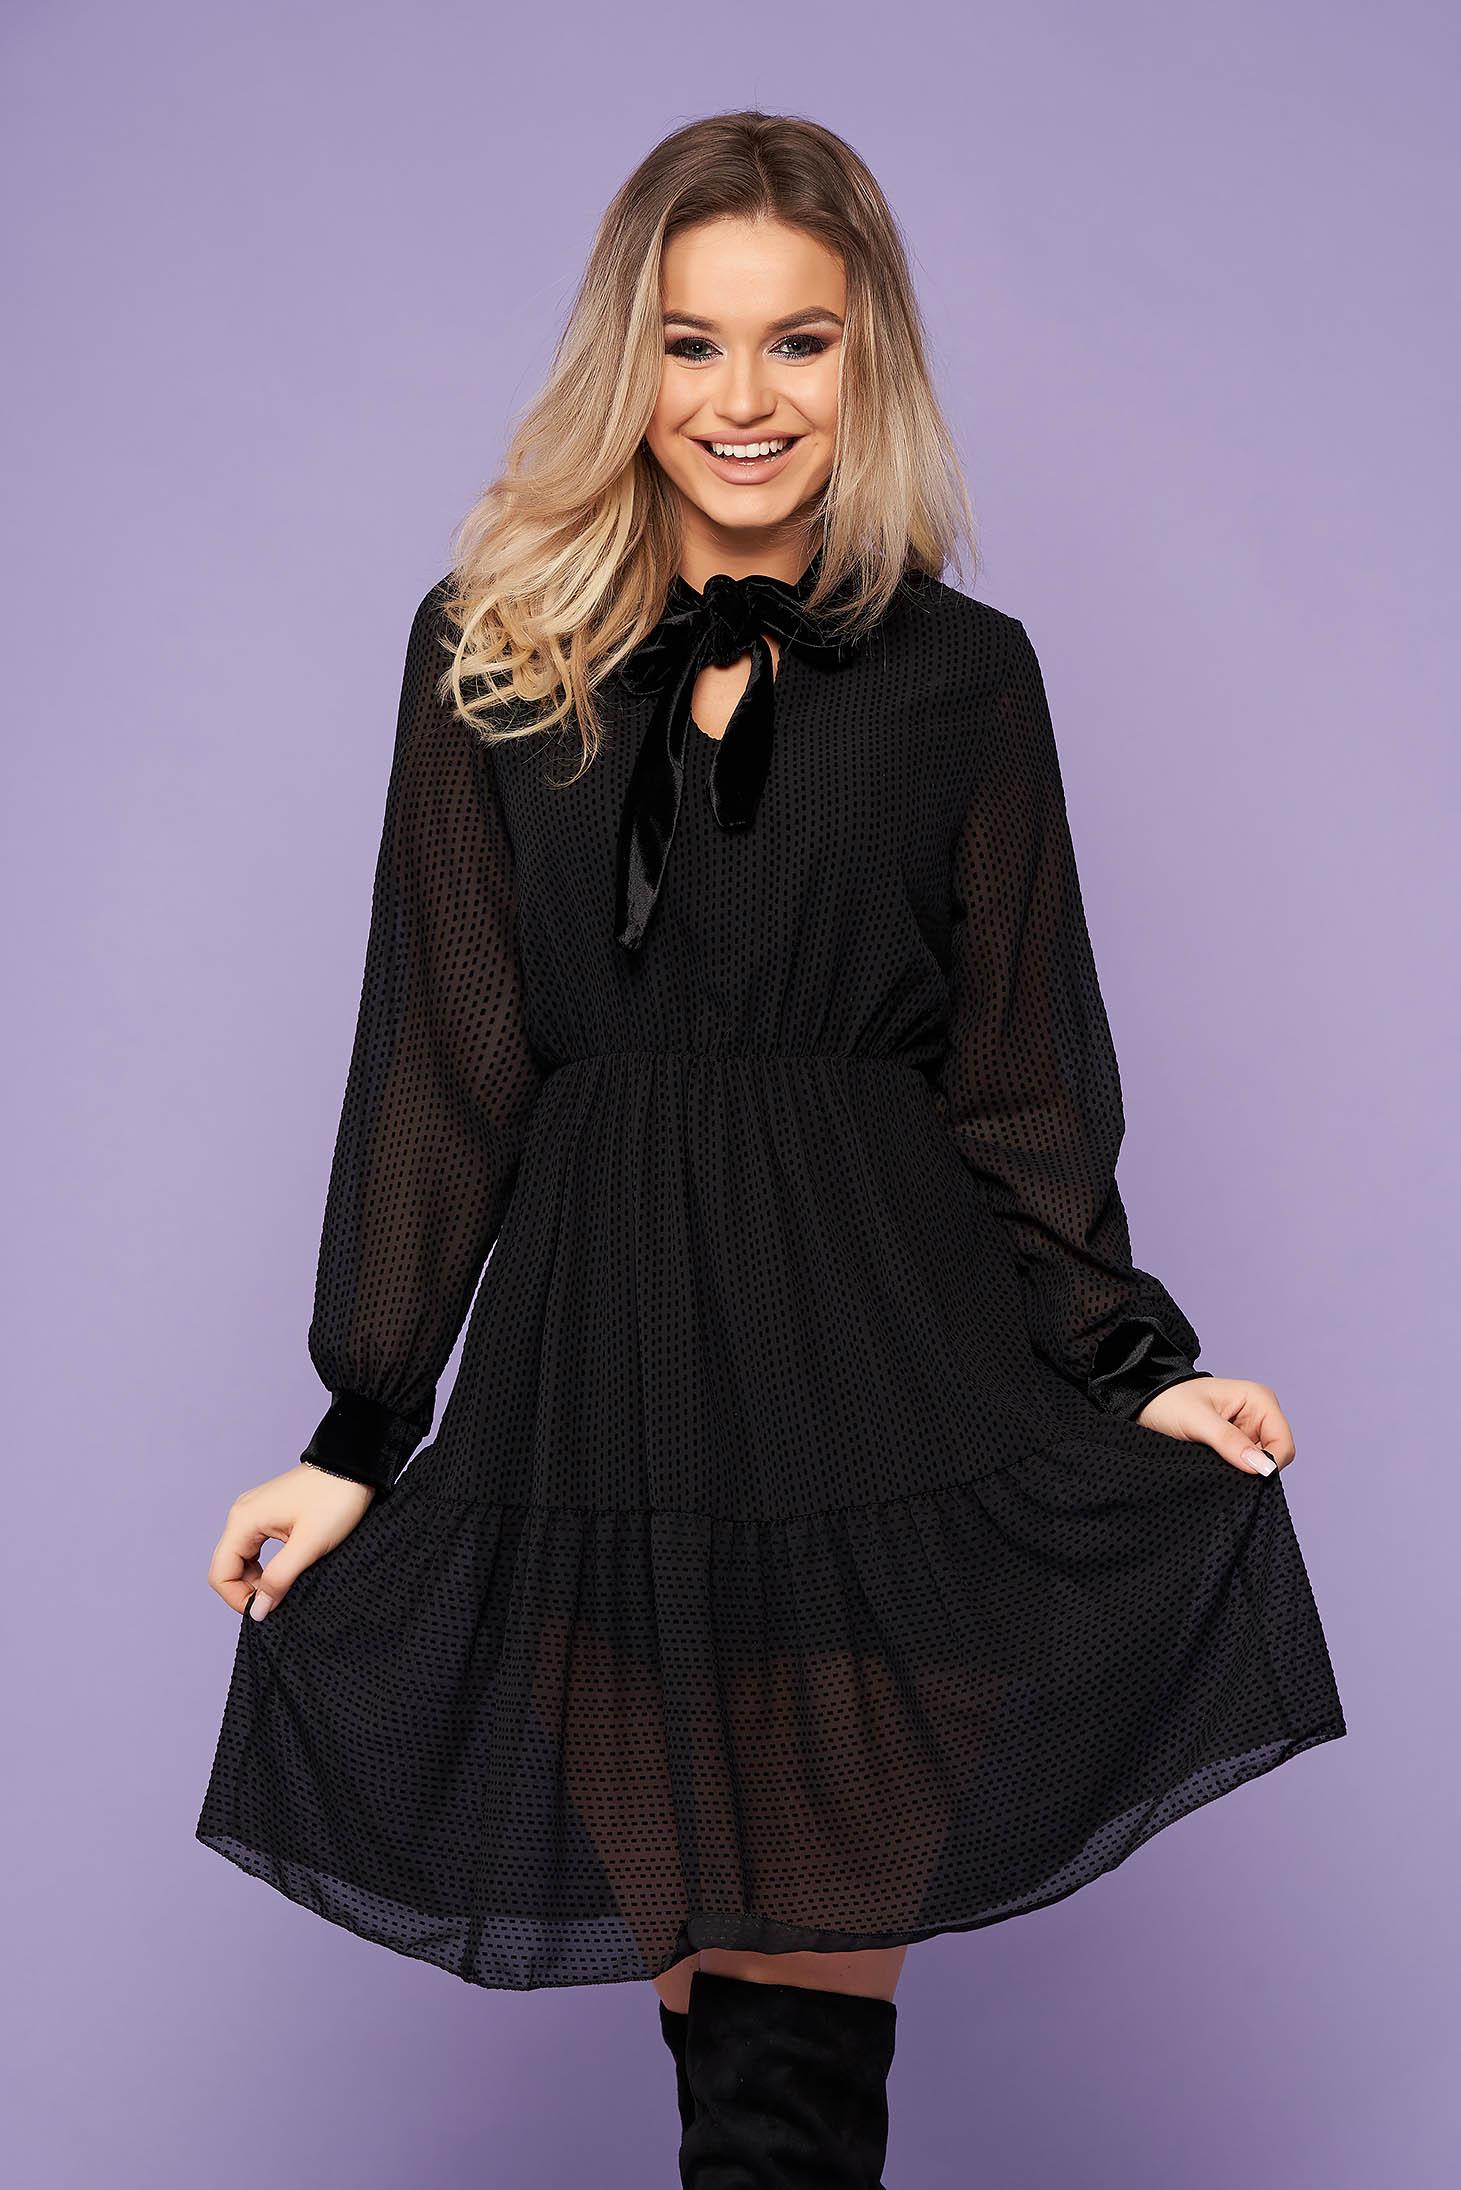 Rochie SunShine neagra eleganta scurta in clos cu maneci lungi cu elastic in talie si aplicatii de catifea